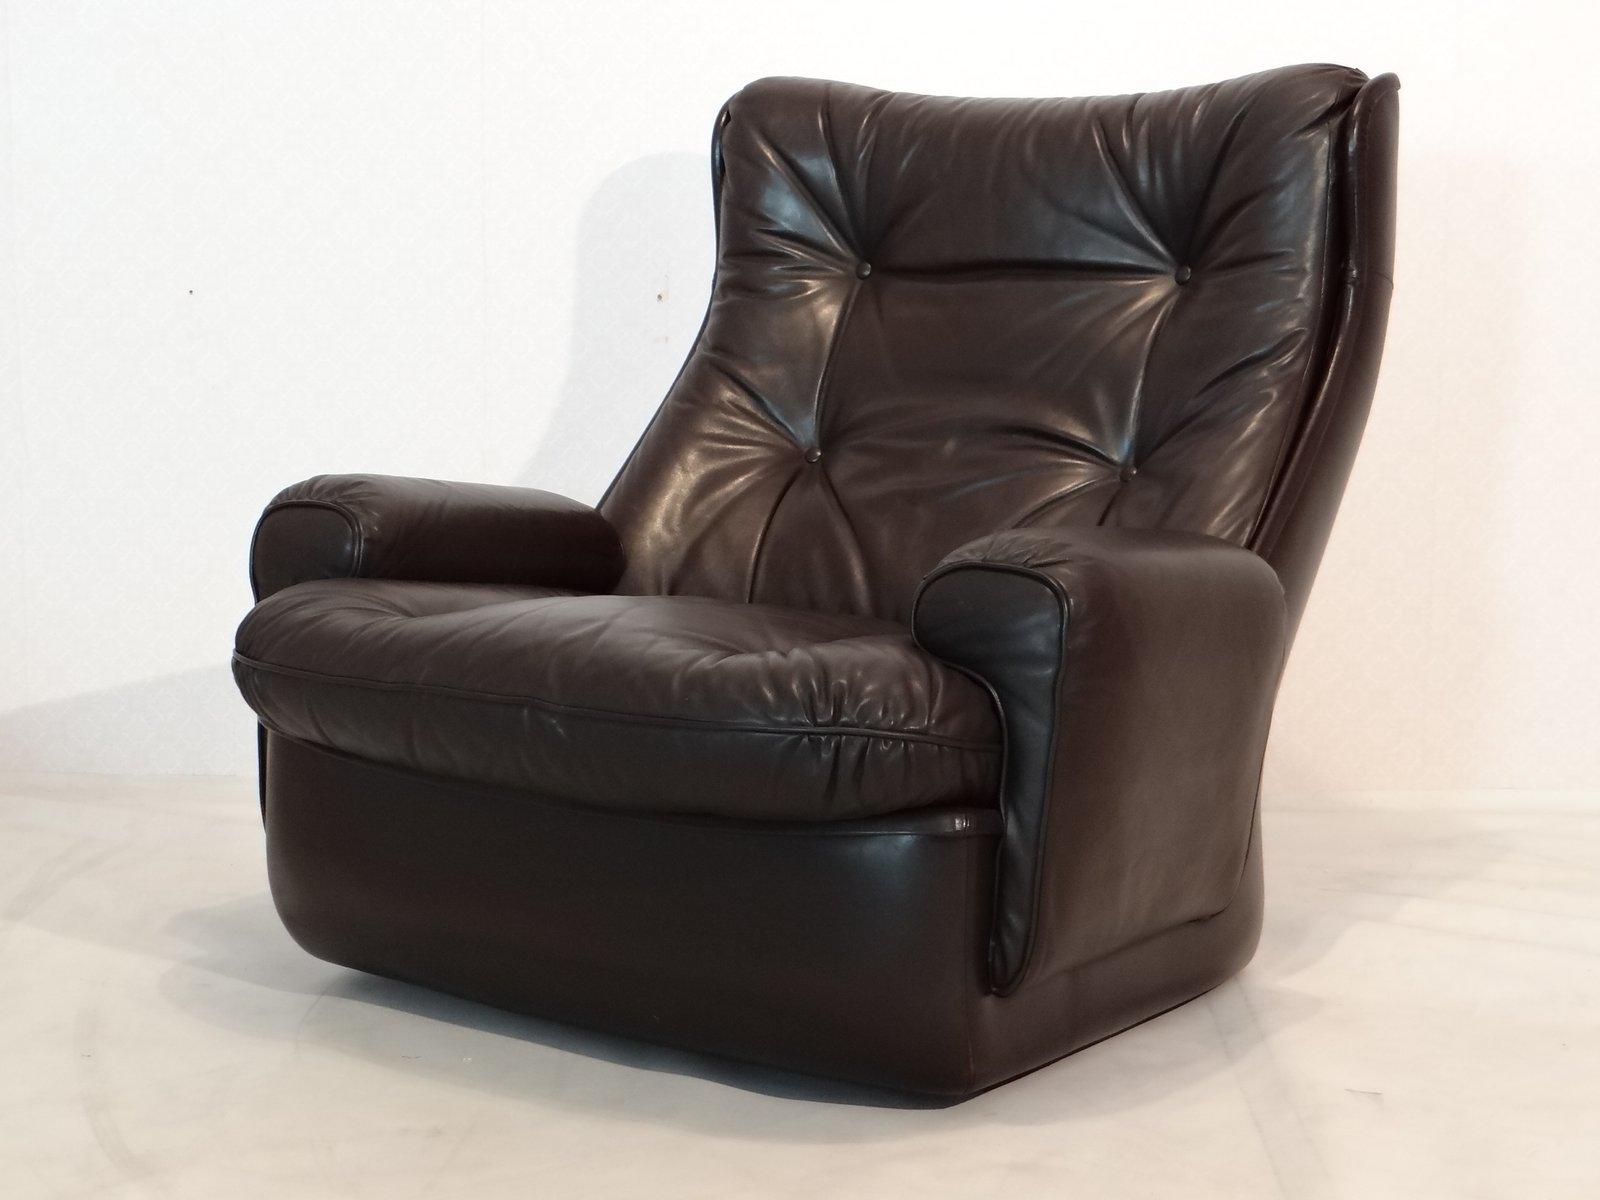 Vintage Ledersessel Braune Couch Schön Sessel Braun Vintage